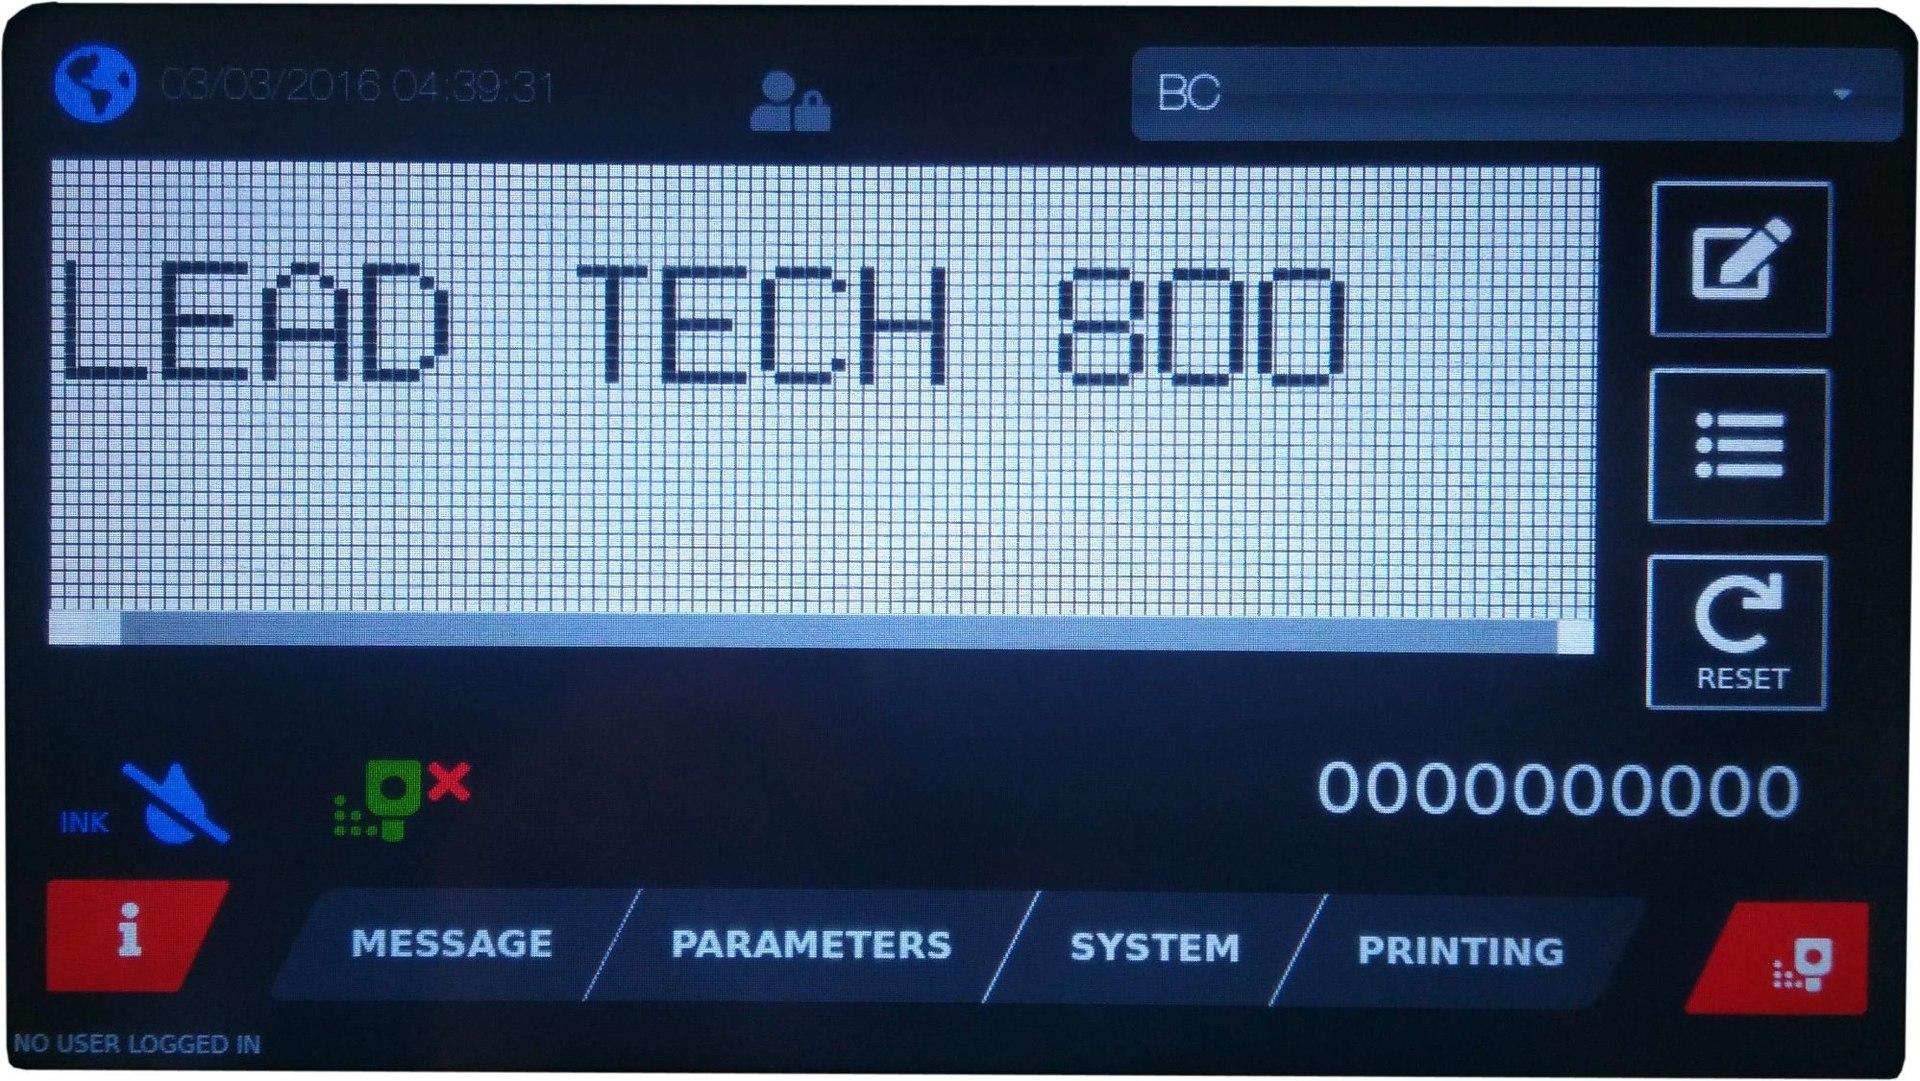 Lead Tech Lt800 Water Bottle Cij Inkjet Printer